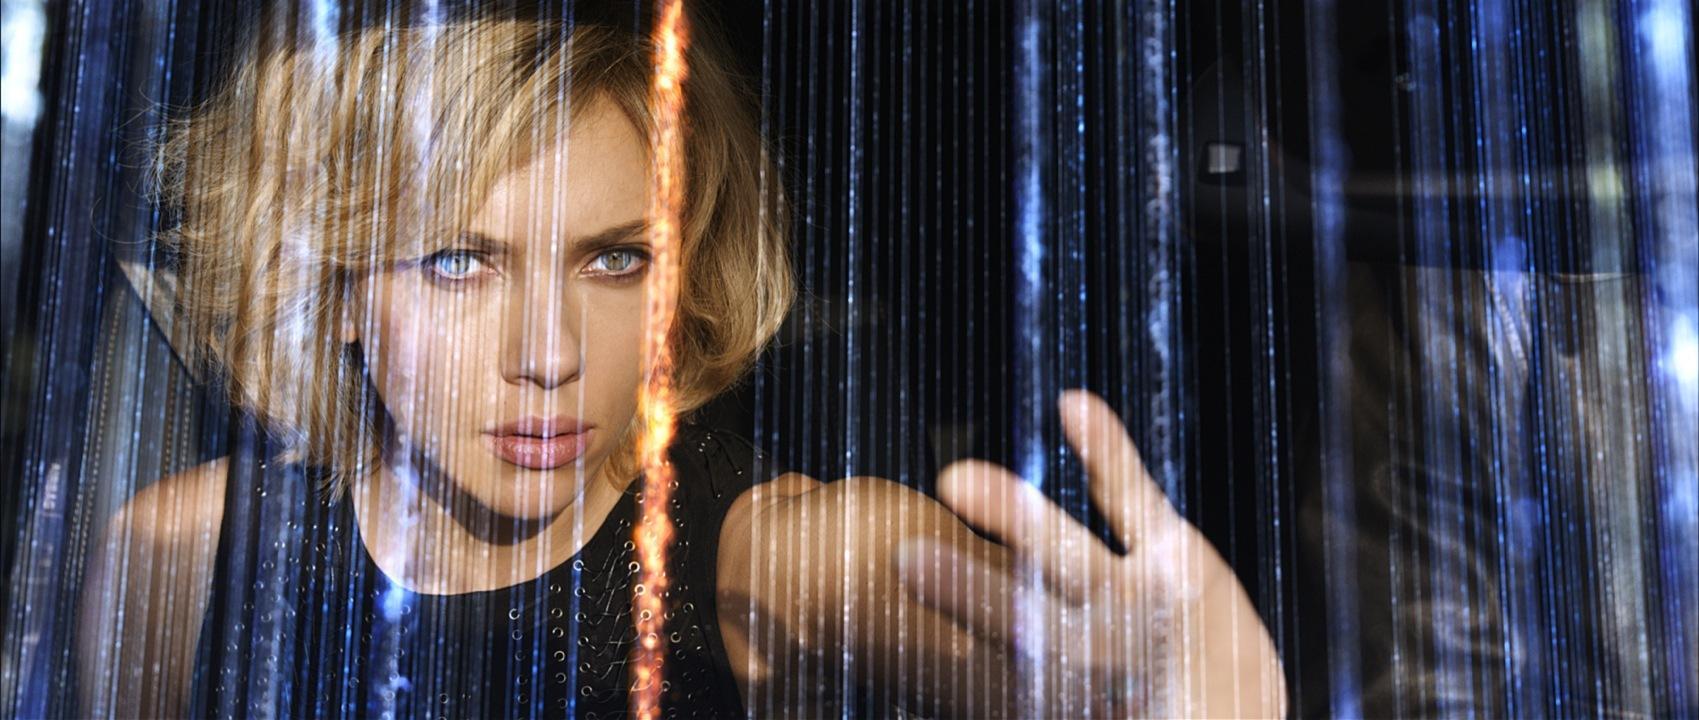 吕克·贝松科幻新作《露西》(Lucy)首曝预告 超能斯嘉丽对阵崔岷植